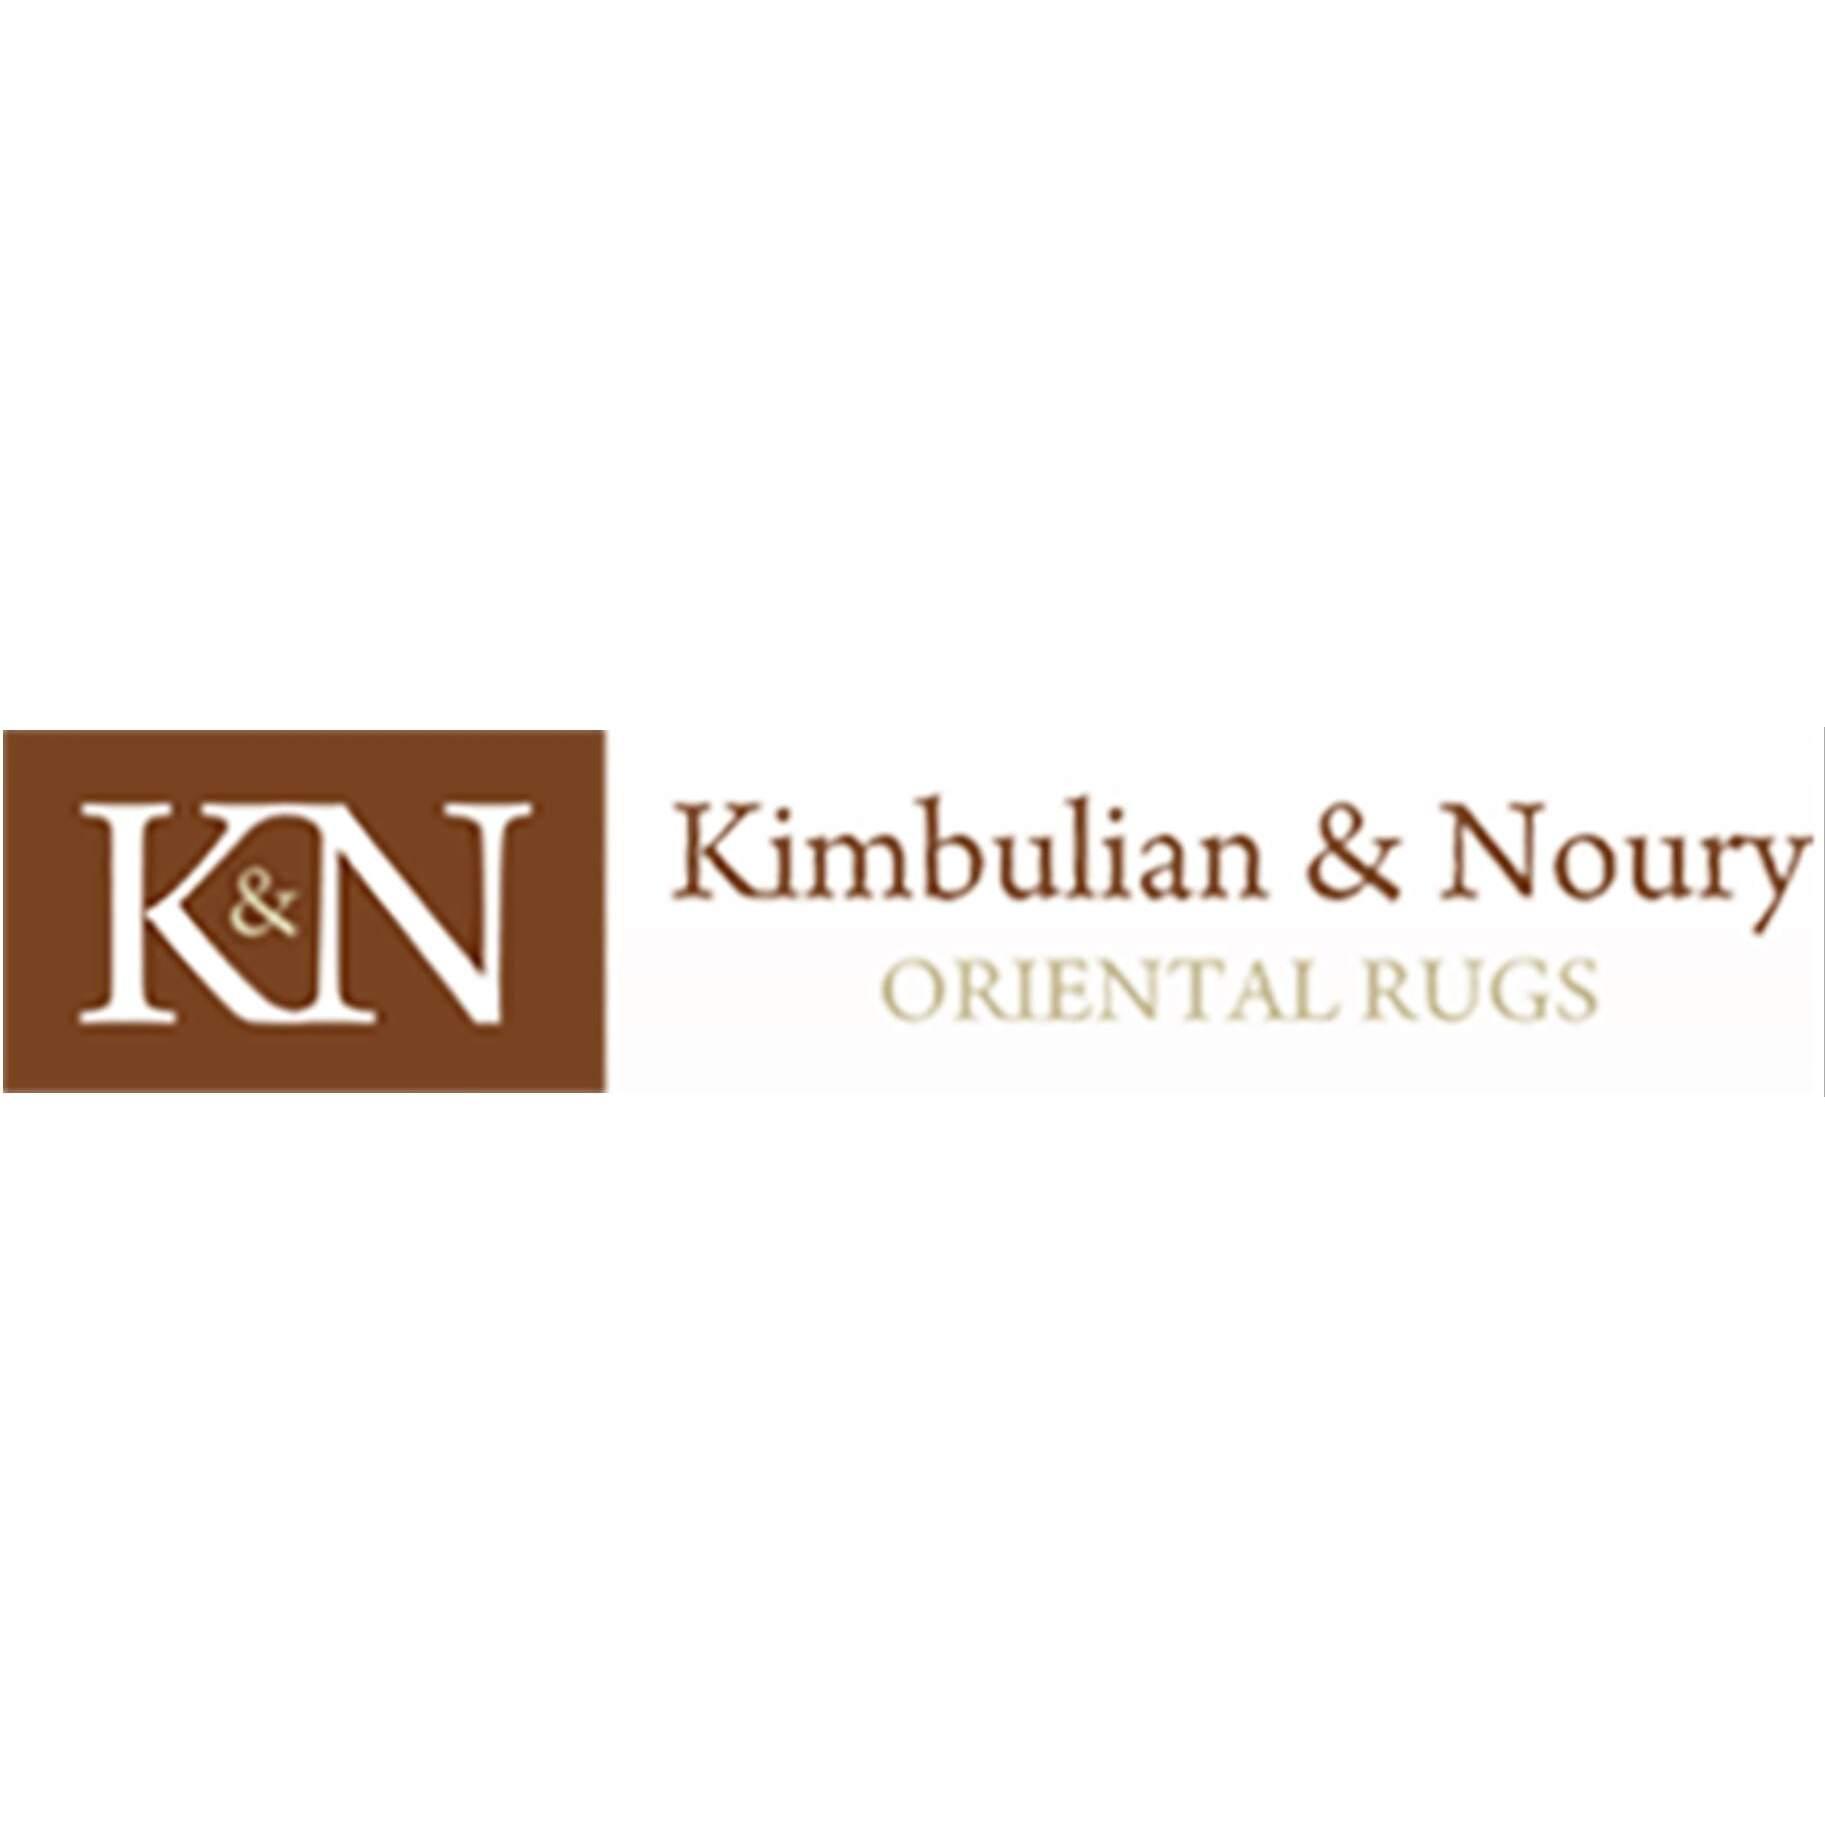 Kimbulian & Noury Oriental Rugs